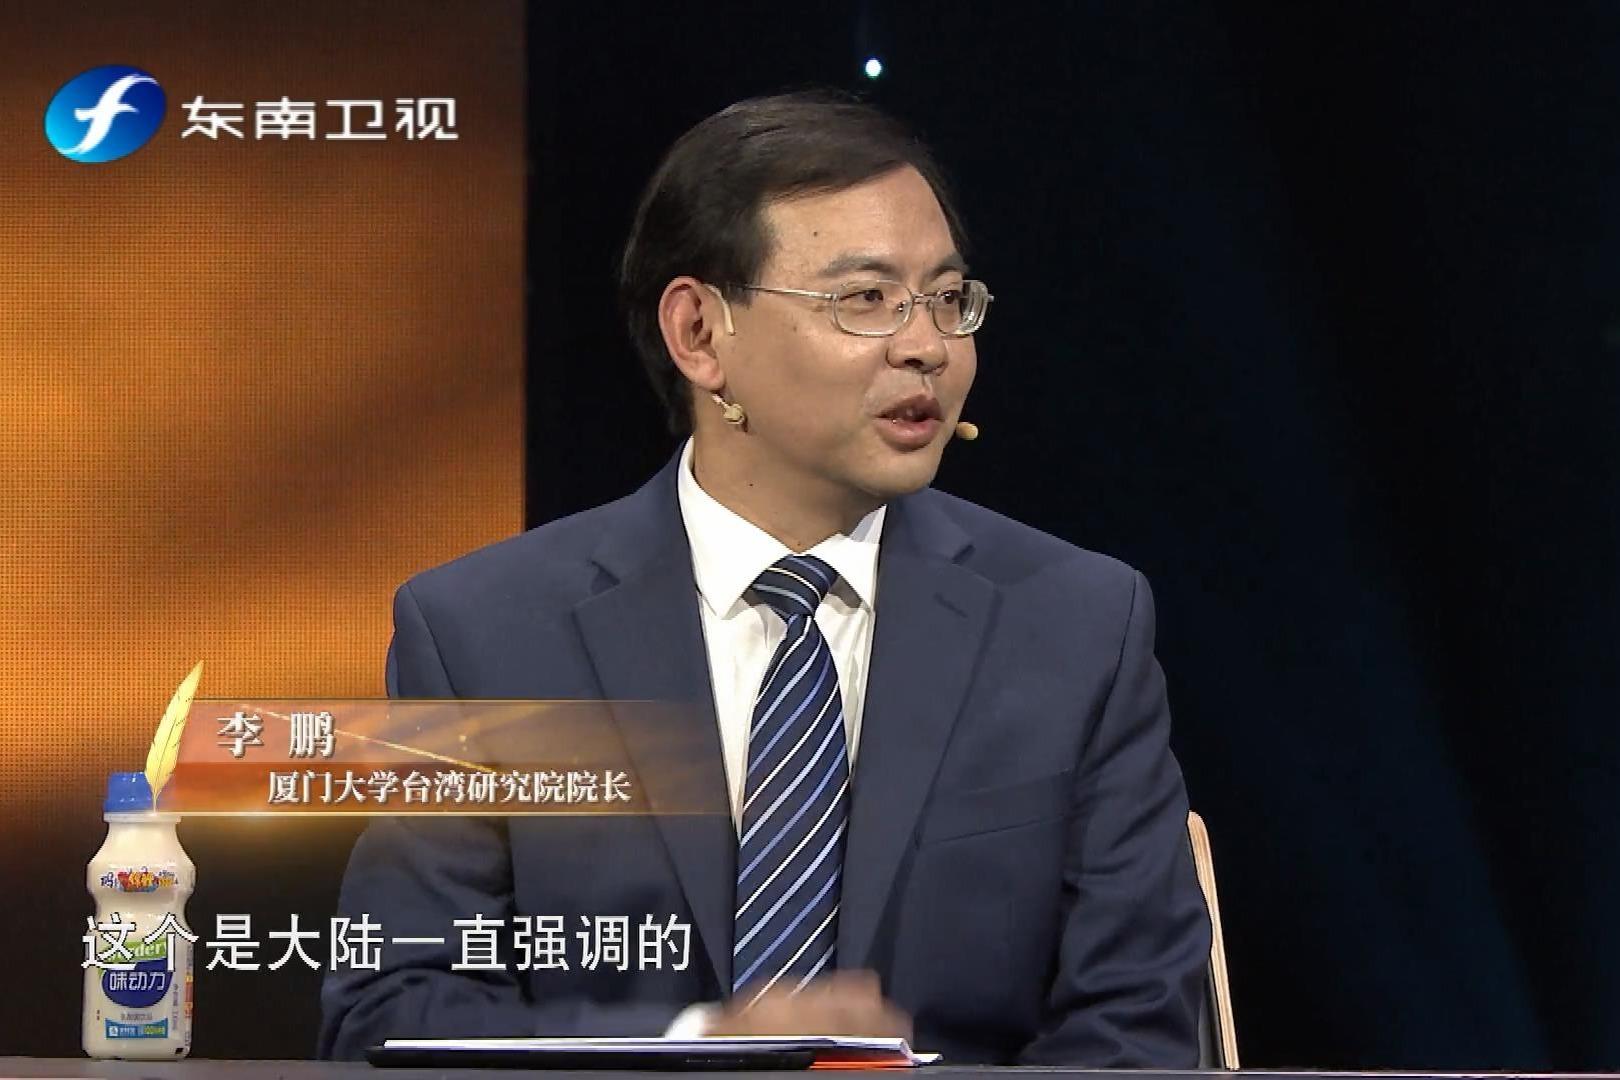 """两岸政治对话如何开展?李鹏:不接受""""九二共识""""就无从谈起"""